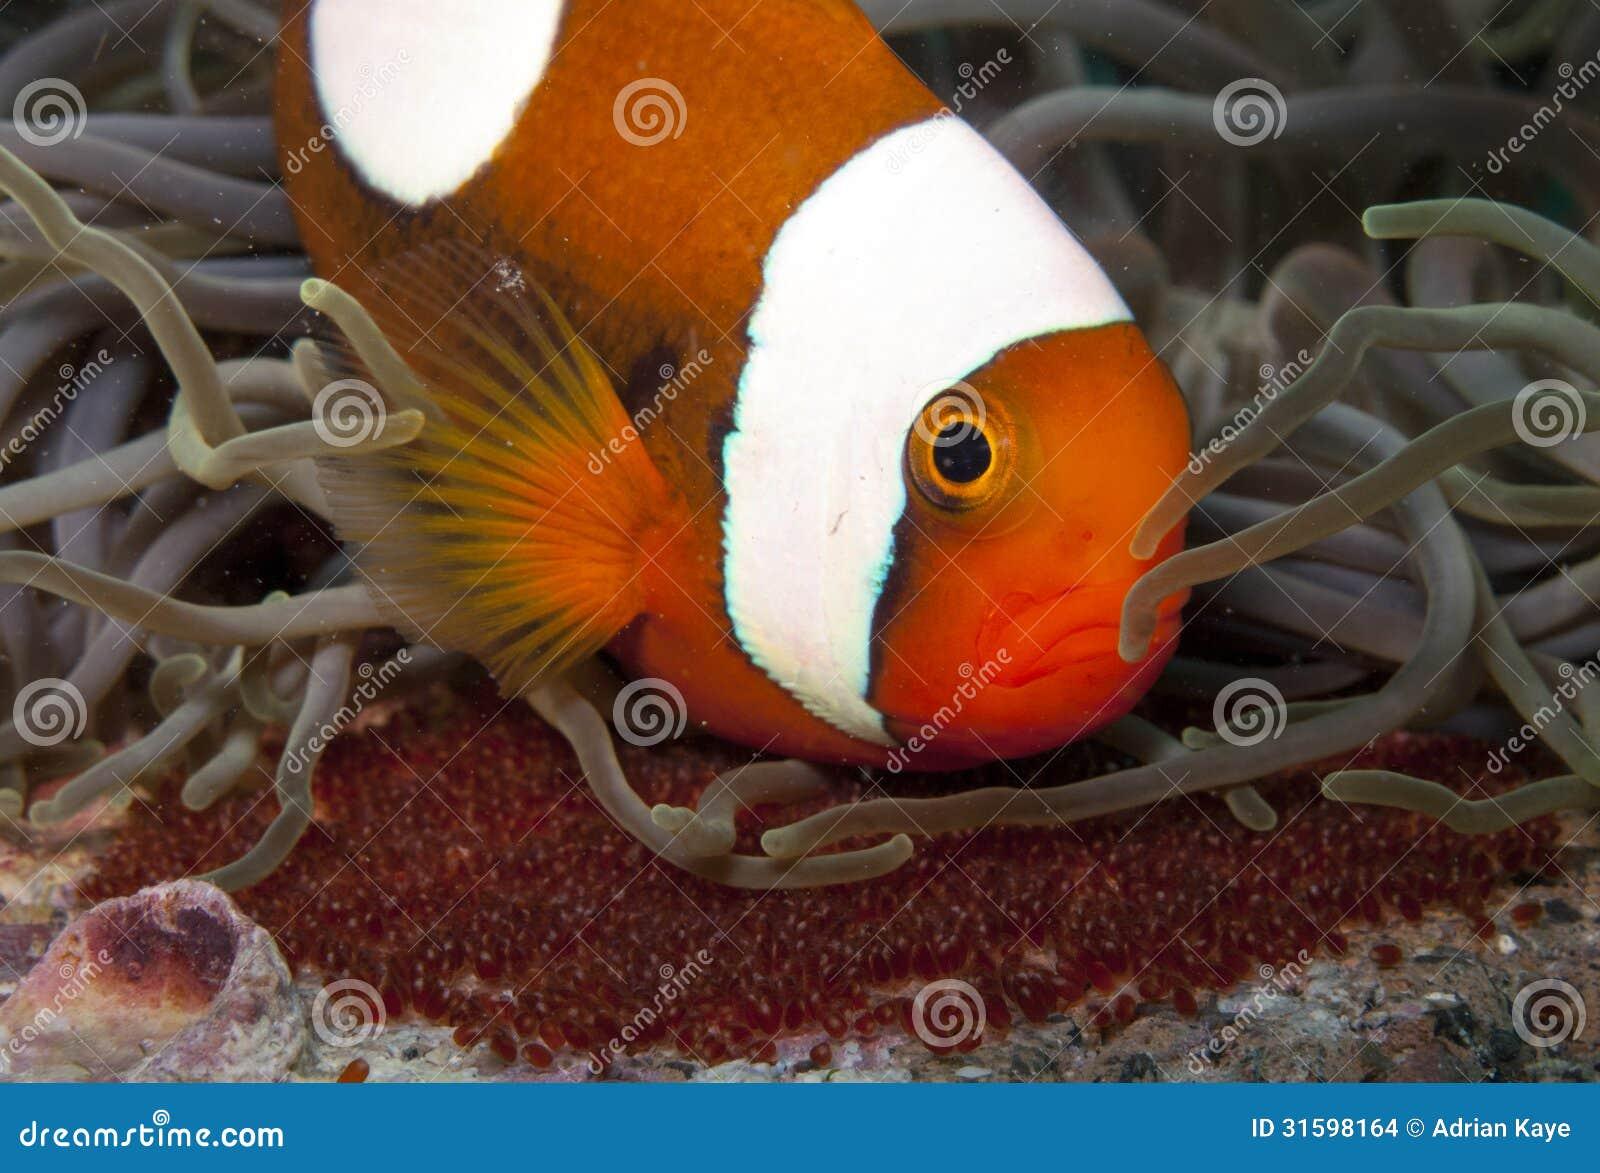 Saddleback anemone fish with eggs